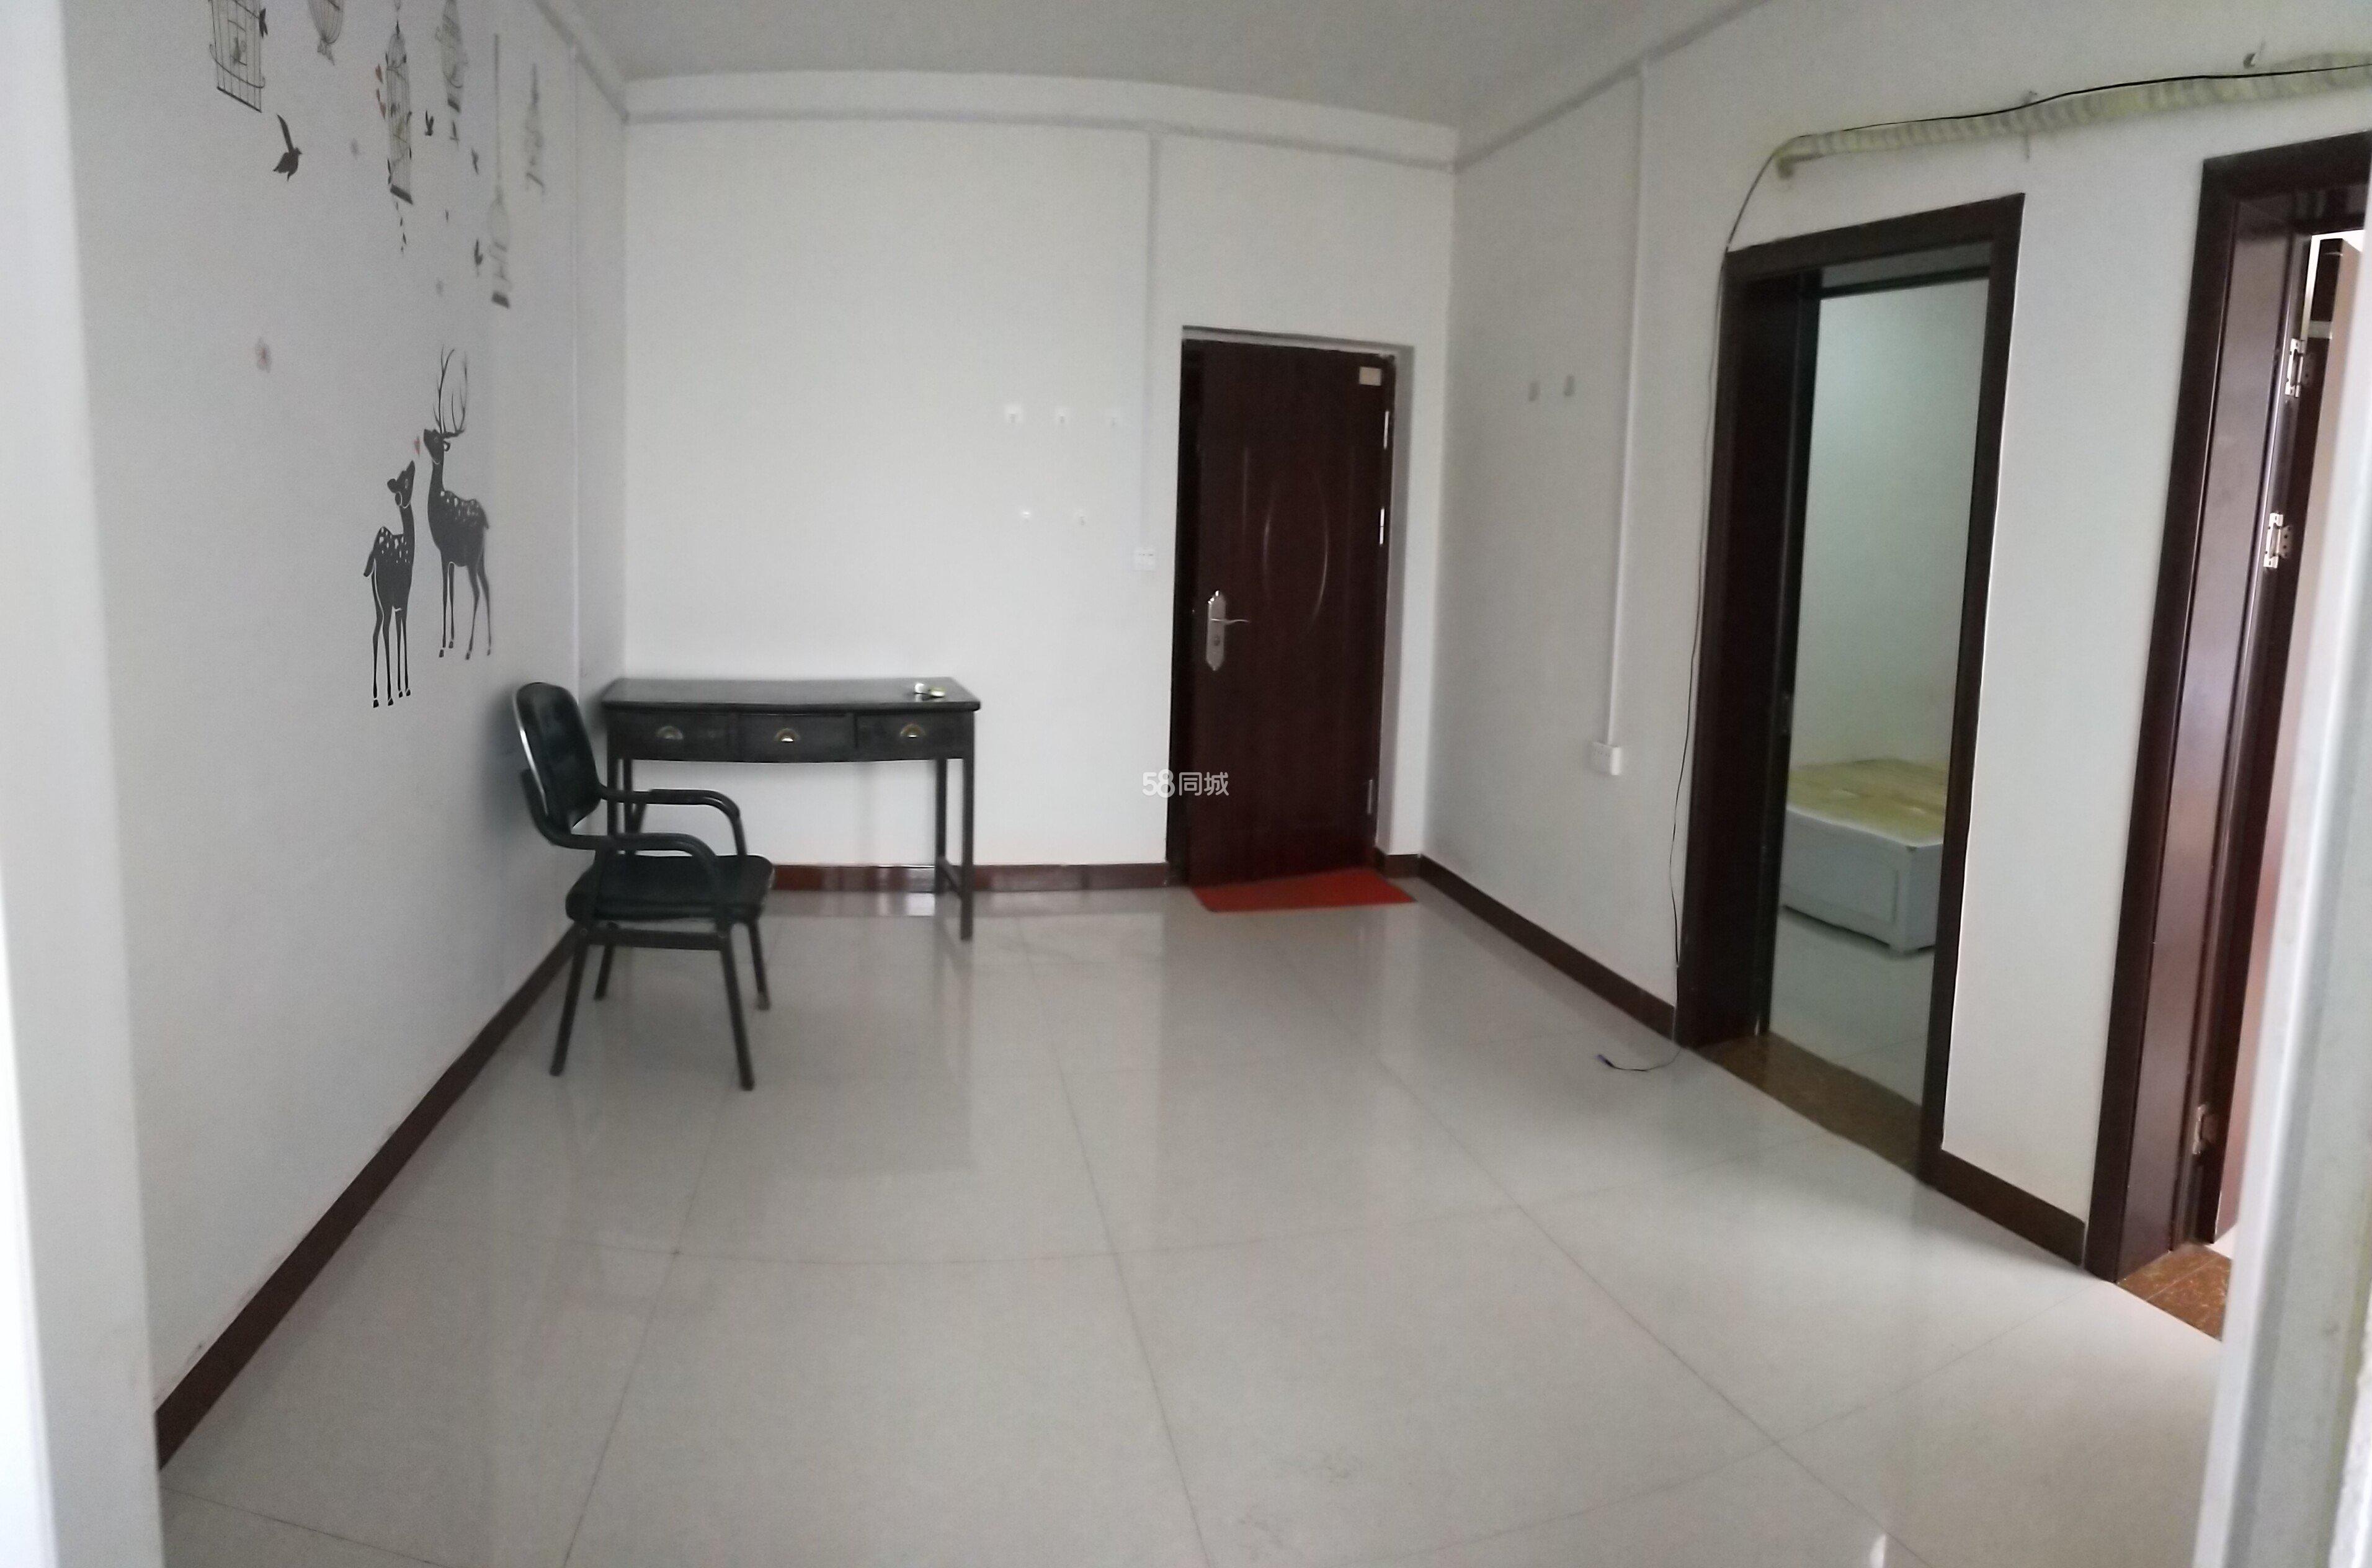 新新村2室1厅1卫